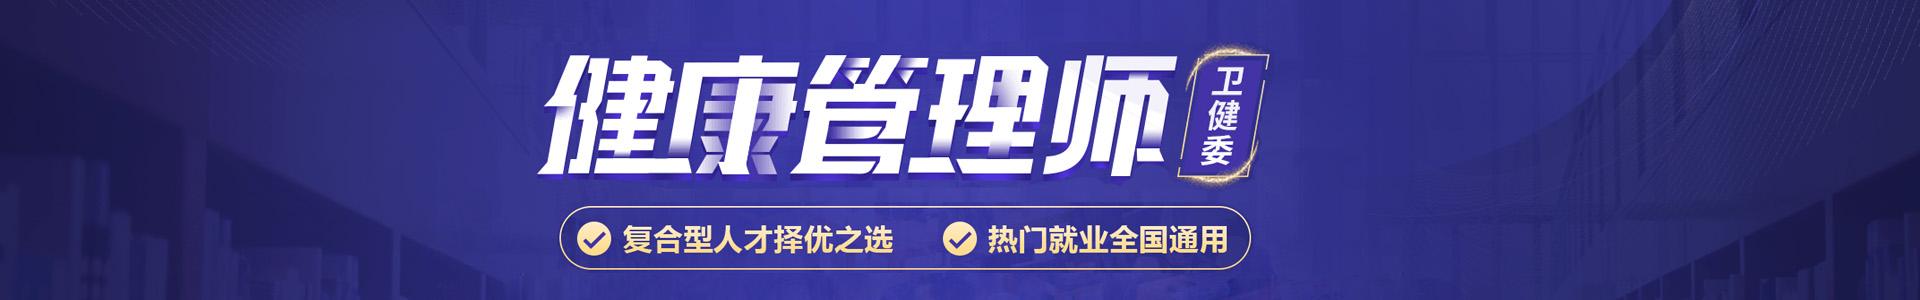 优路健康管理师-桂林校区